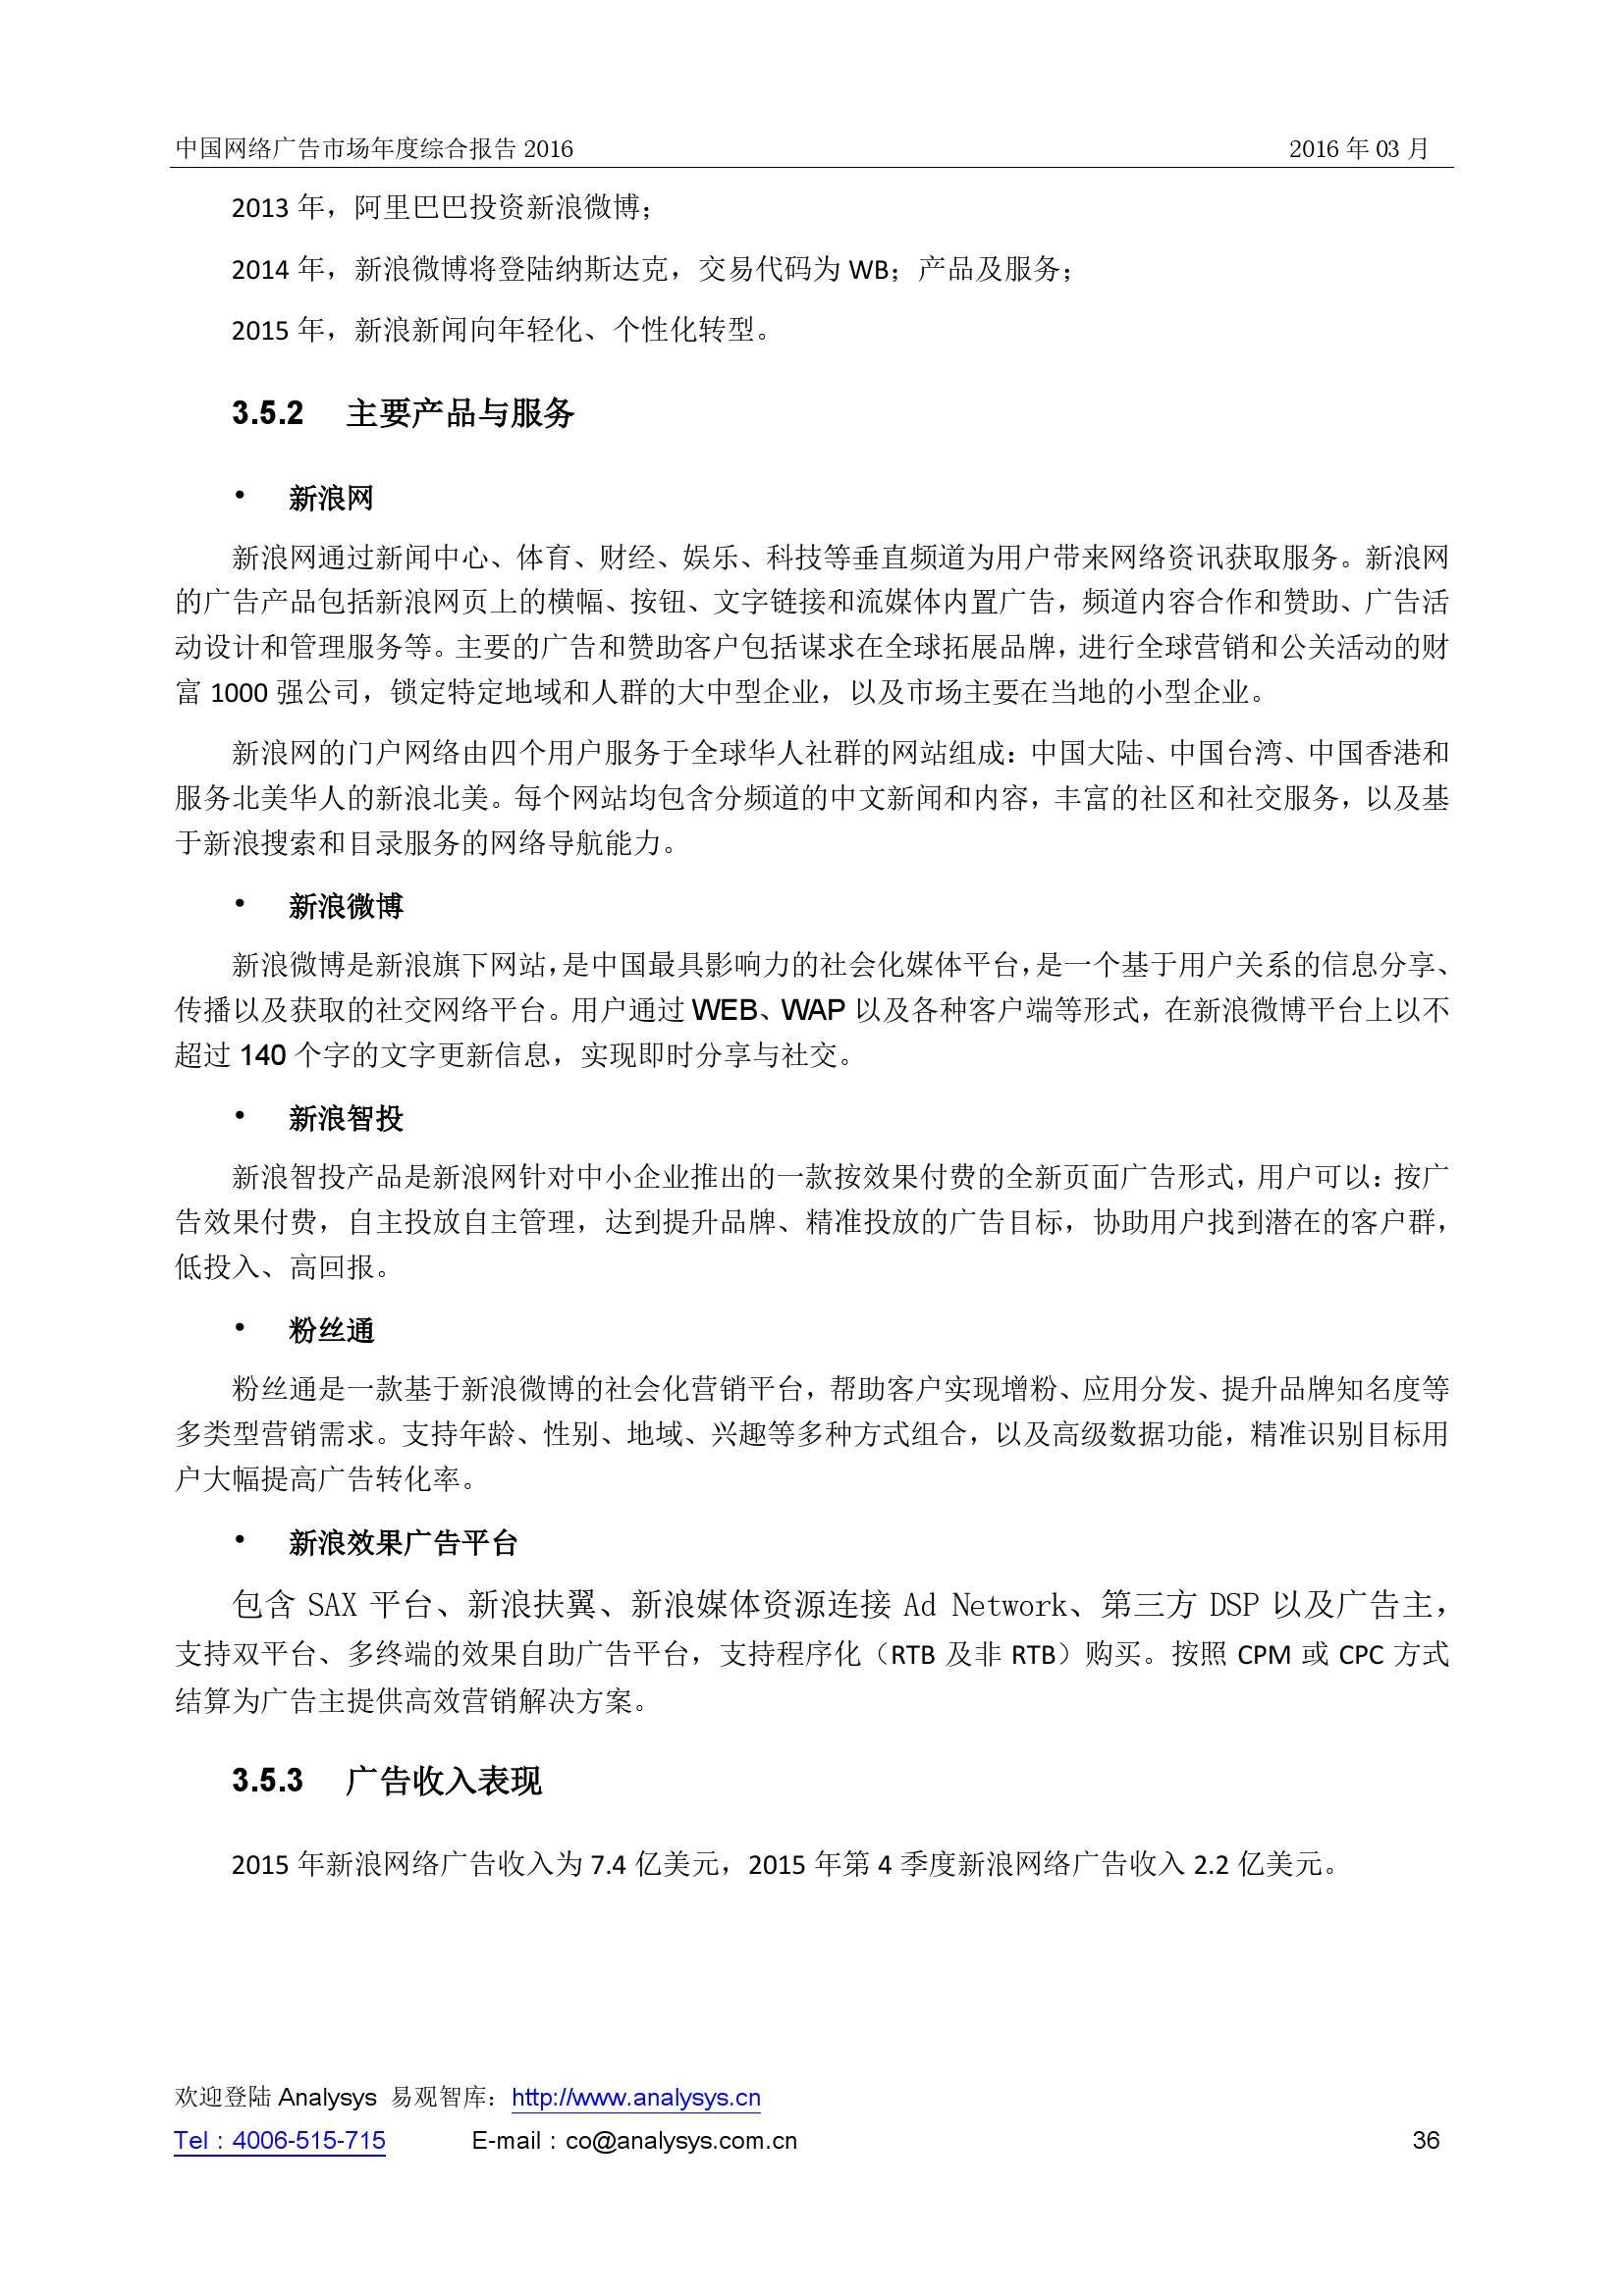 中国网络广告市场年度综合报告2016_000036